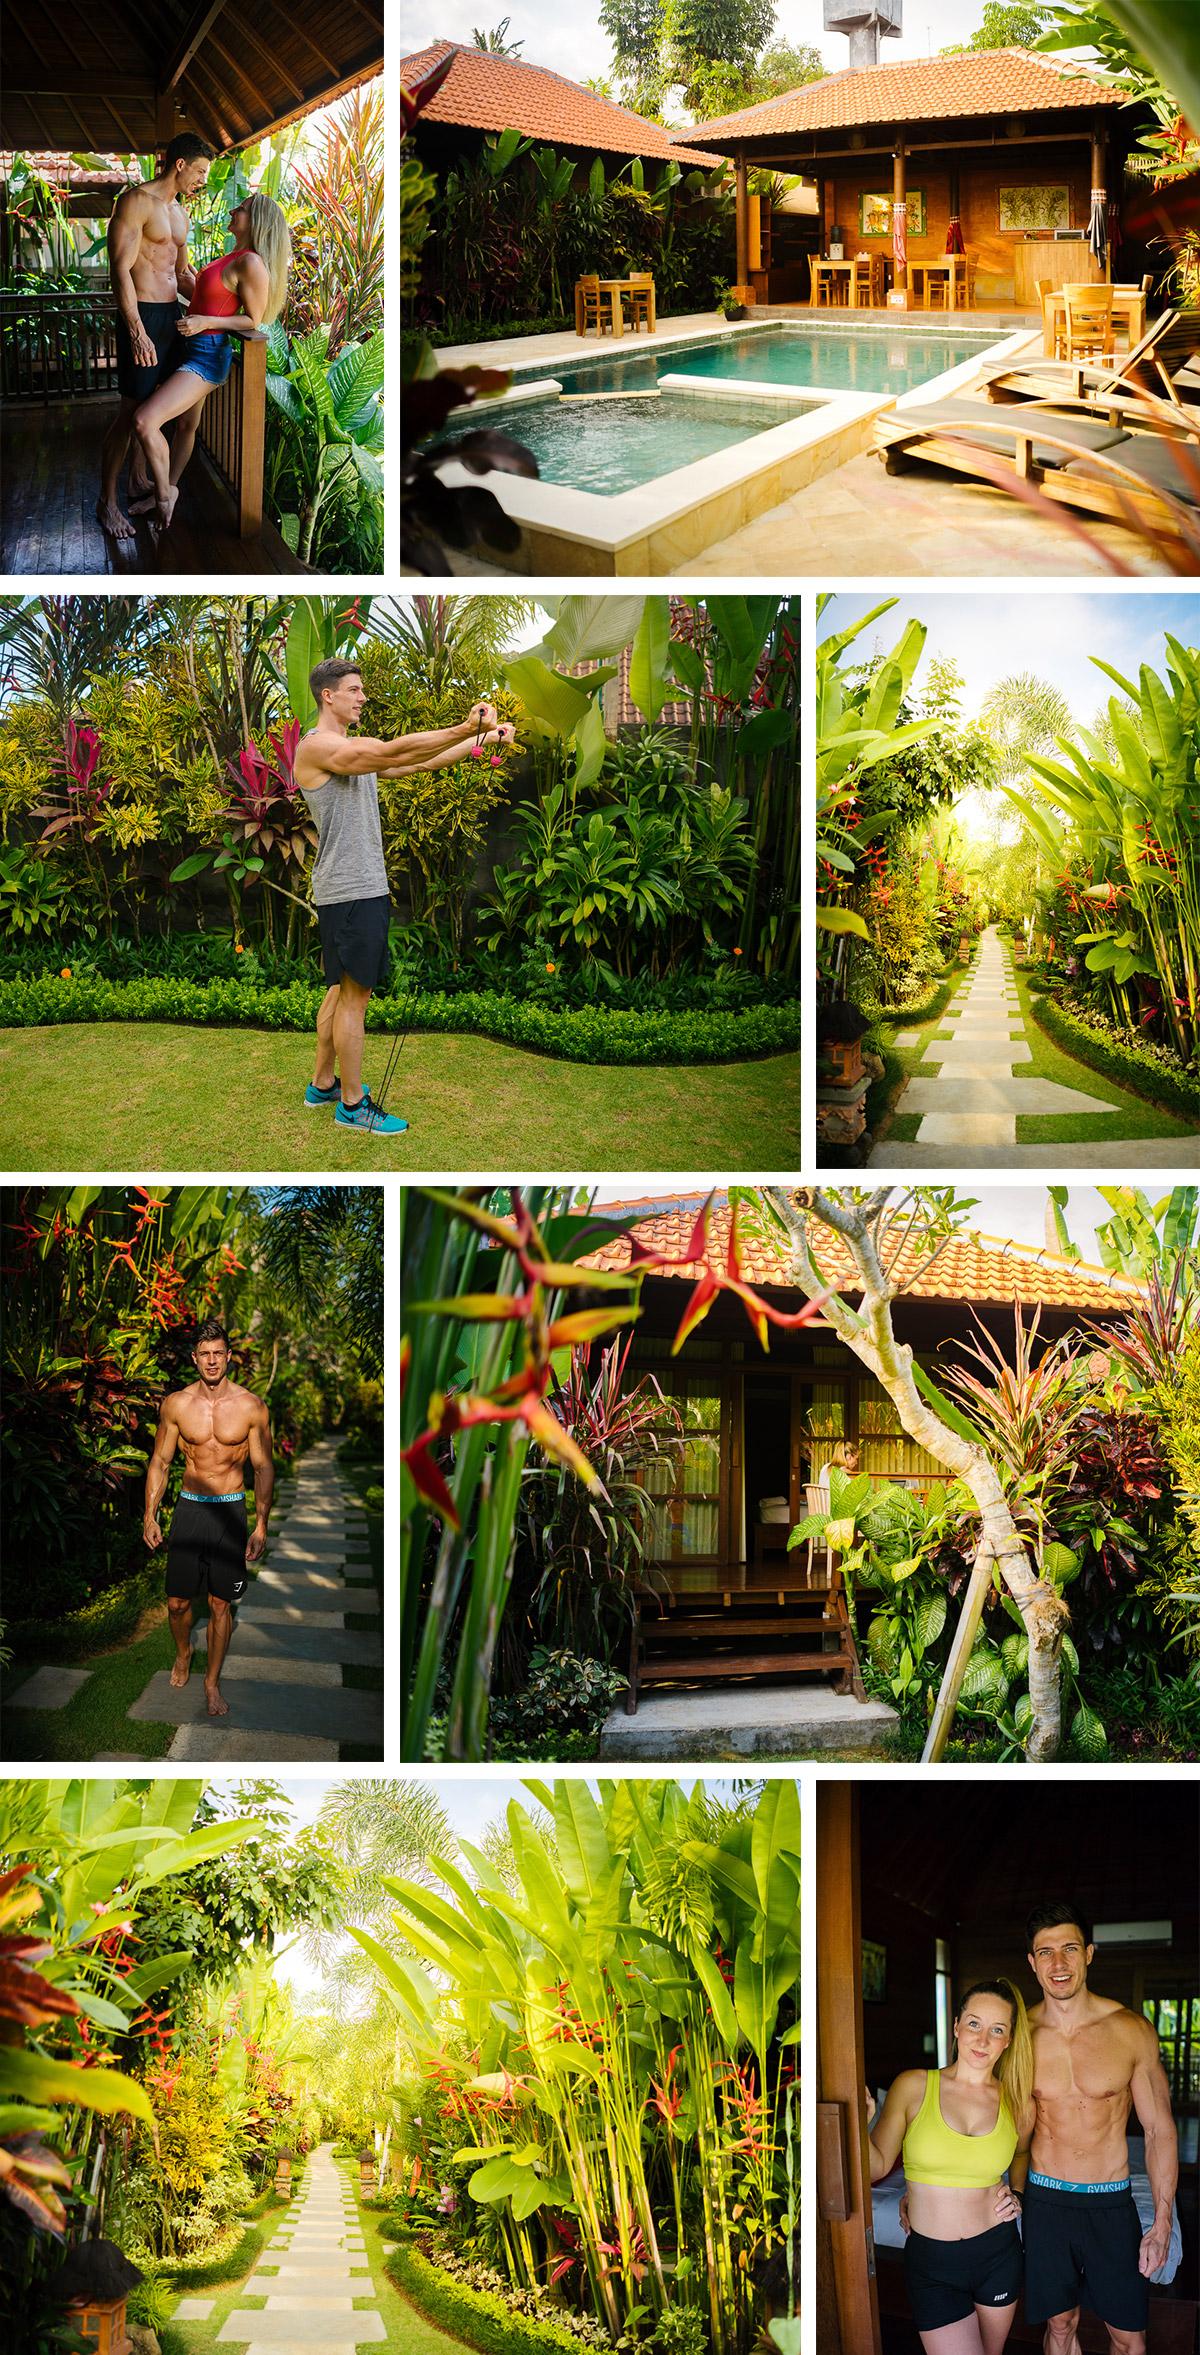 fitnessblog-fitnessblogger-fitness-blog-blogger-stuttgart-dreamteamfitness-unterkuenfte-auf-bali-ubud-saka-village-resort